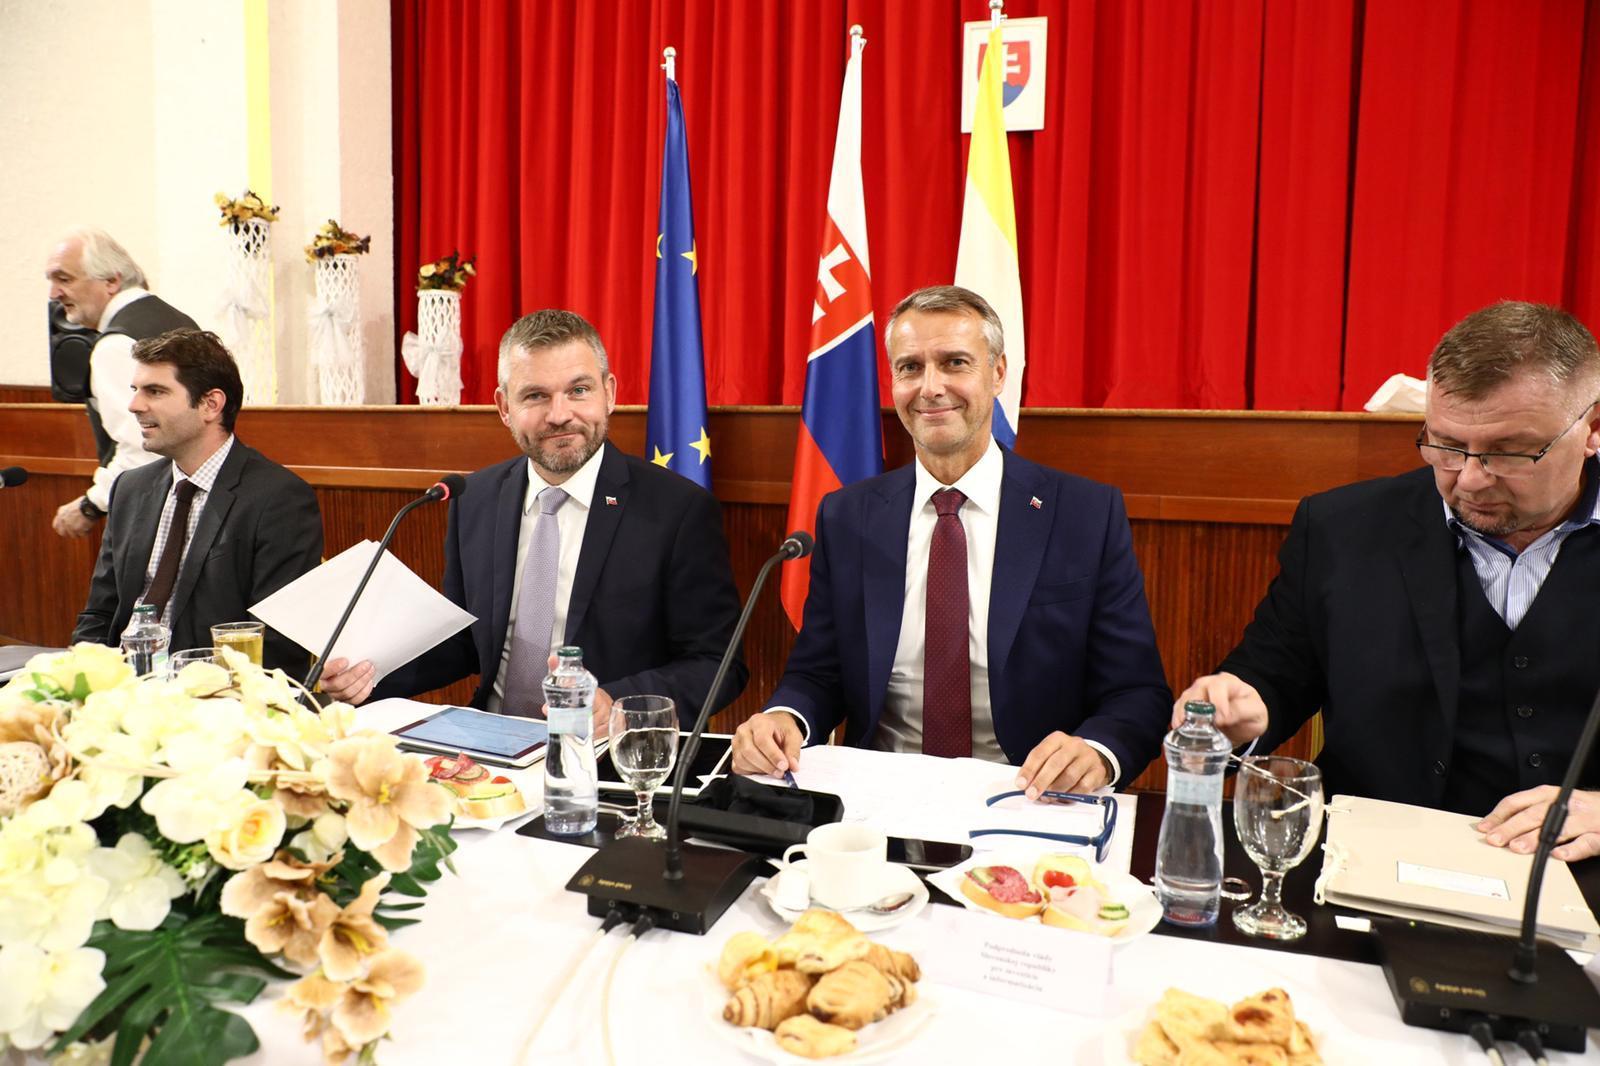 Na rozvoj okresu Kežmarok vláda prispela sumou takmer 1,3 milióna eur, na rozvoj okresu Sobrance sumou viac ako 1,4 milióna eur